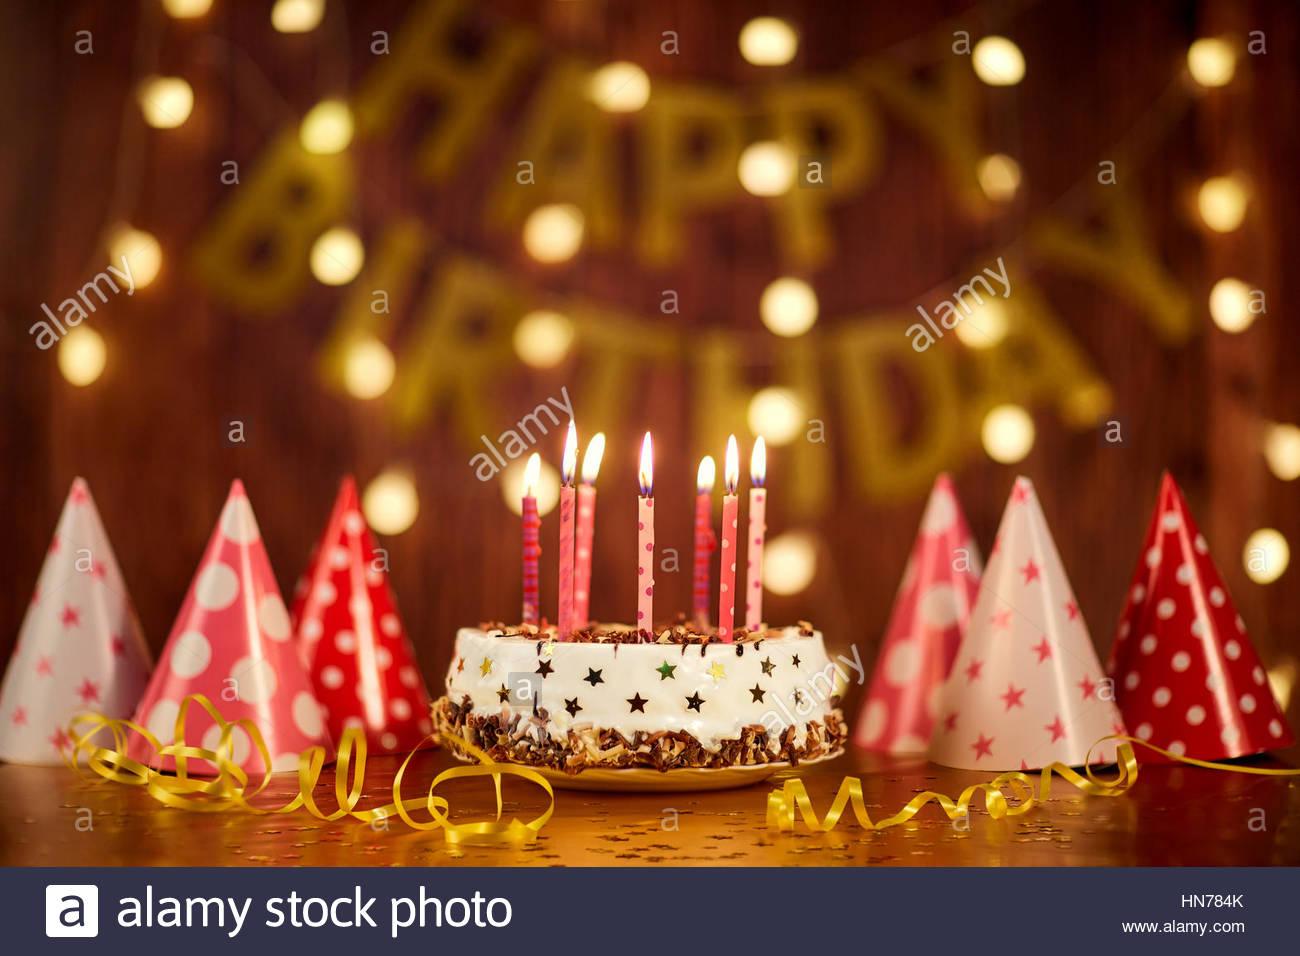 صورة أجمل عيد ميلاد مع اجمل الأفكار وتروته رائعه من الدونتس